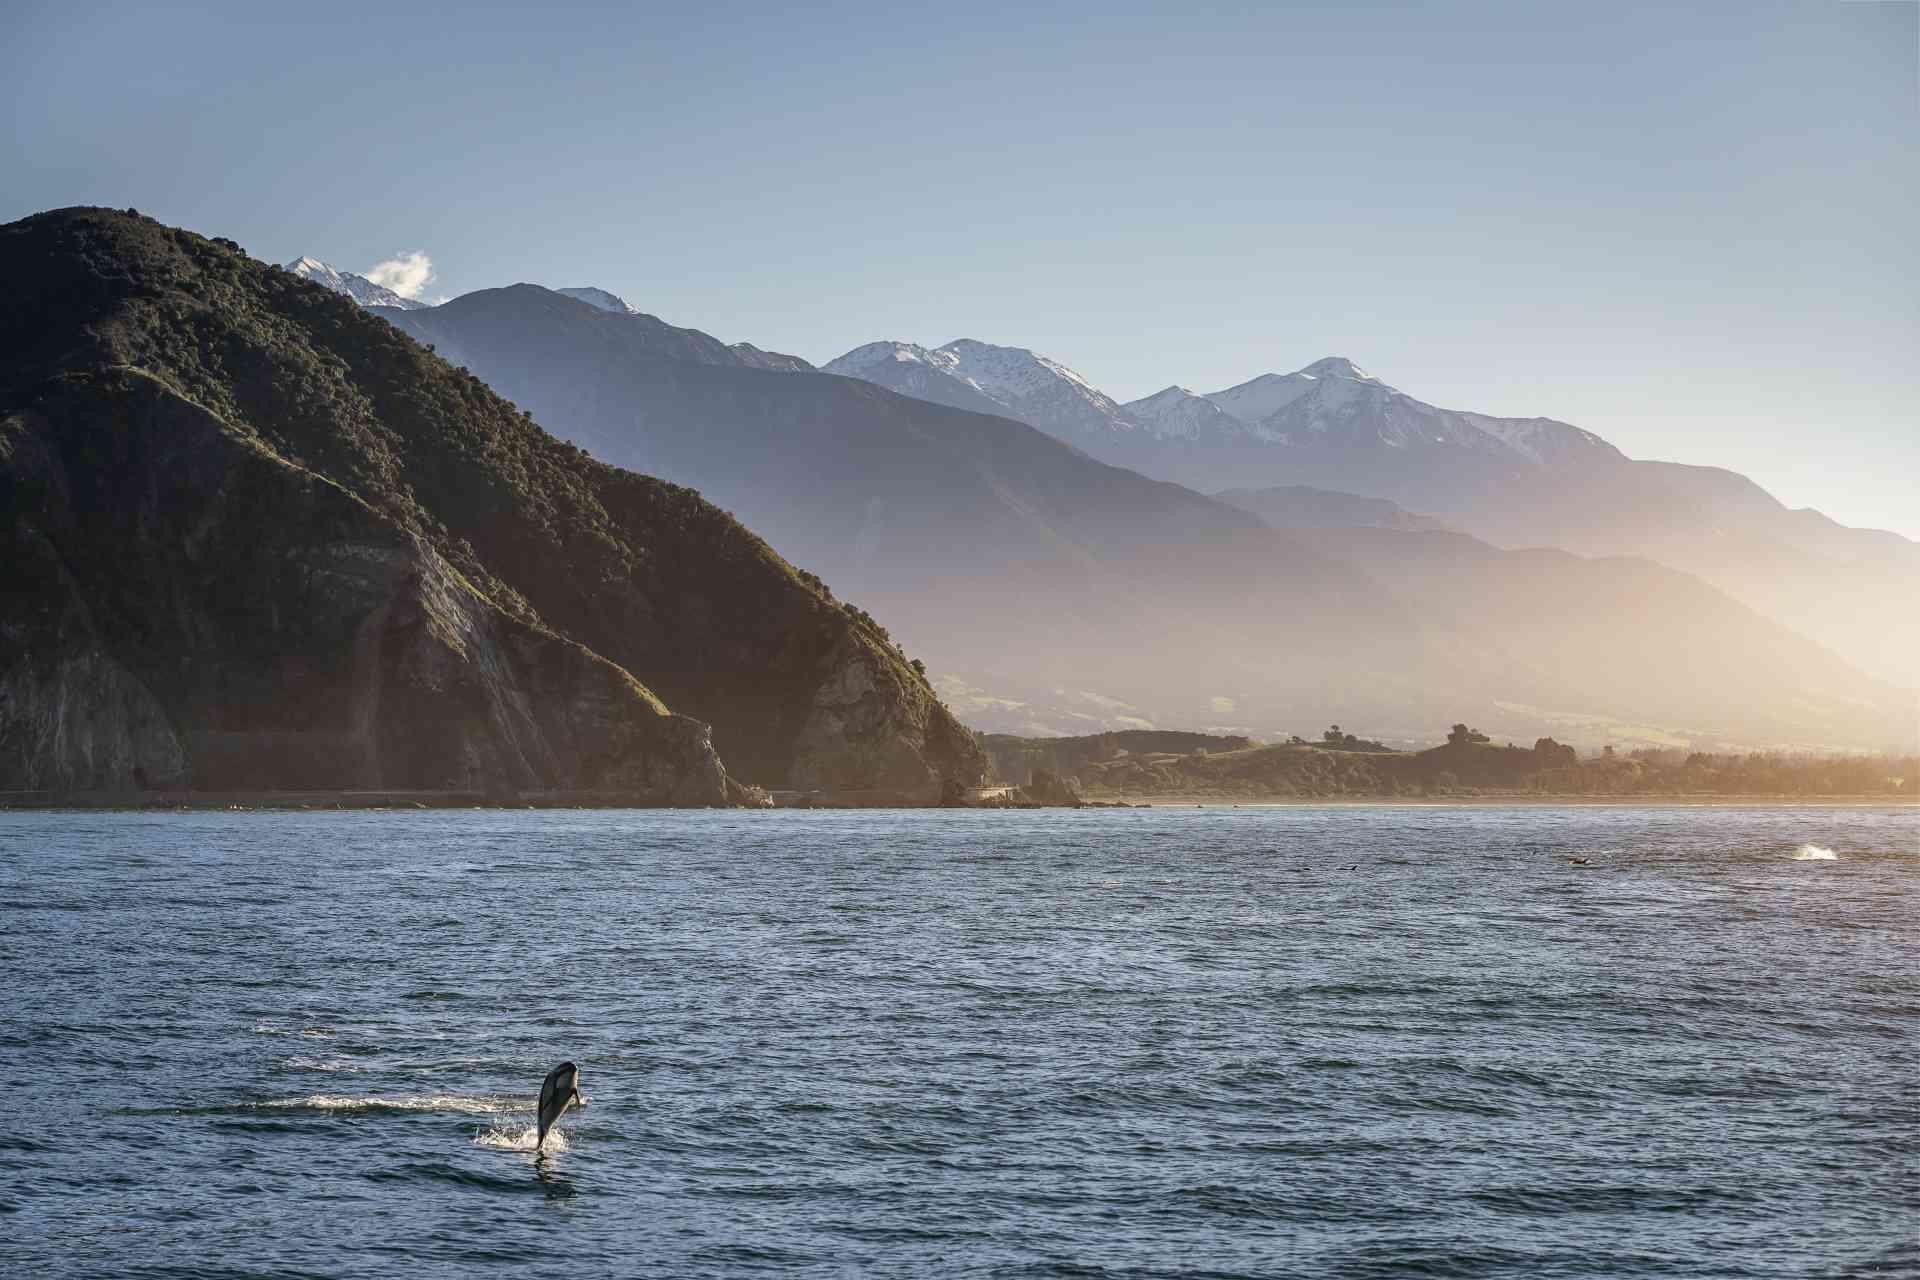 Kaikoura, New Zealand by Tourism New Zealand